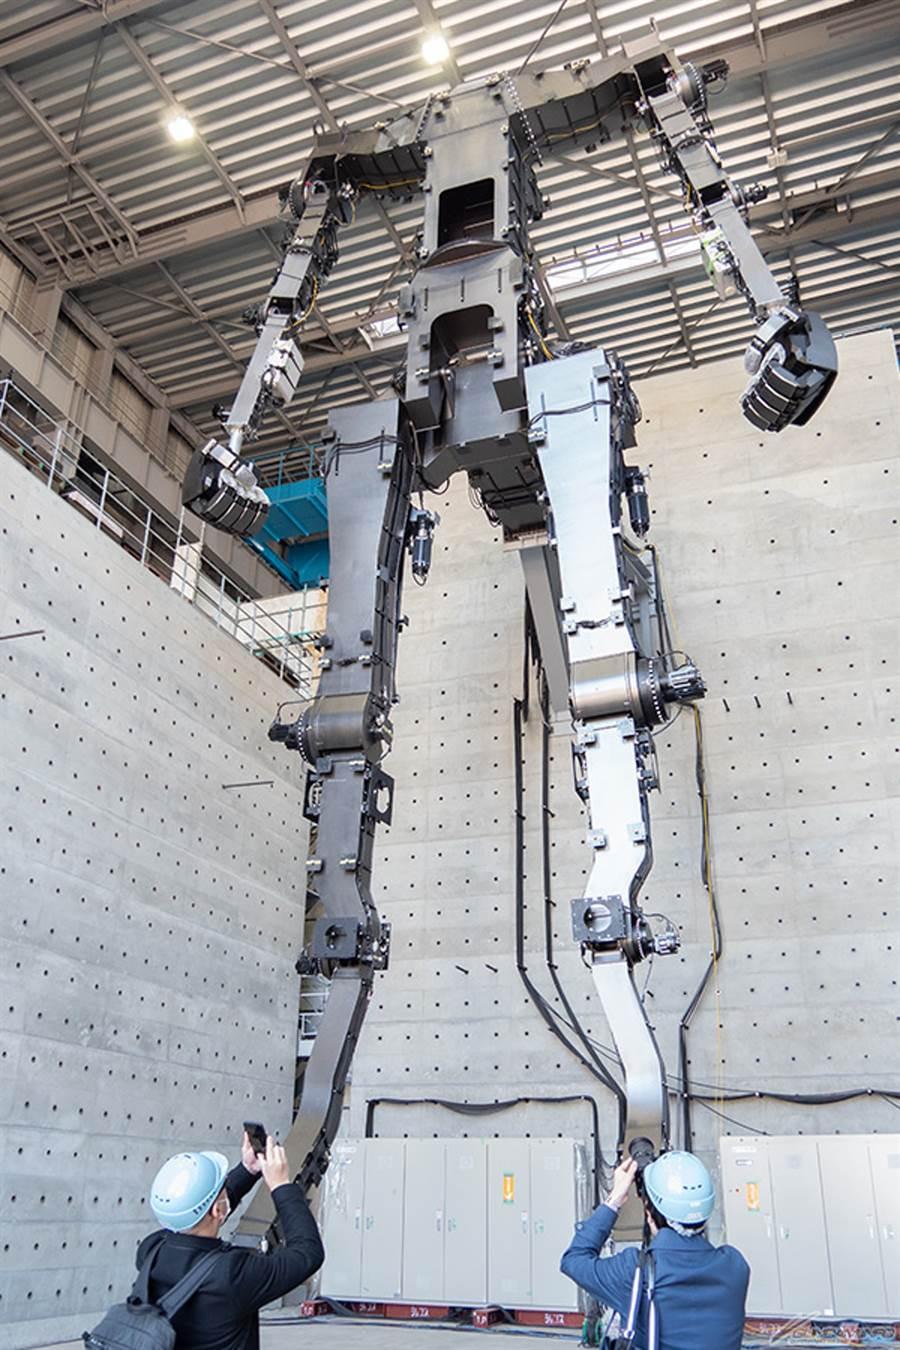 等比例鋼彈機器人的骨架。(圖/萬代)